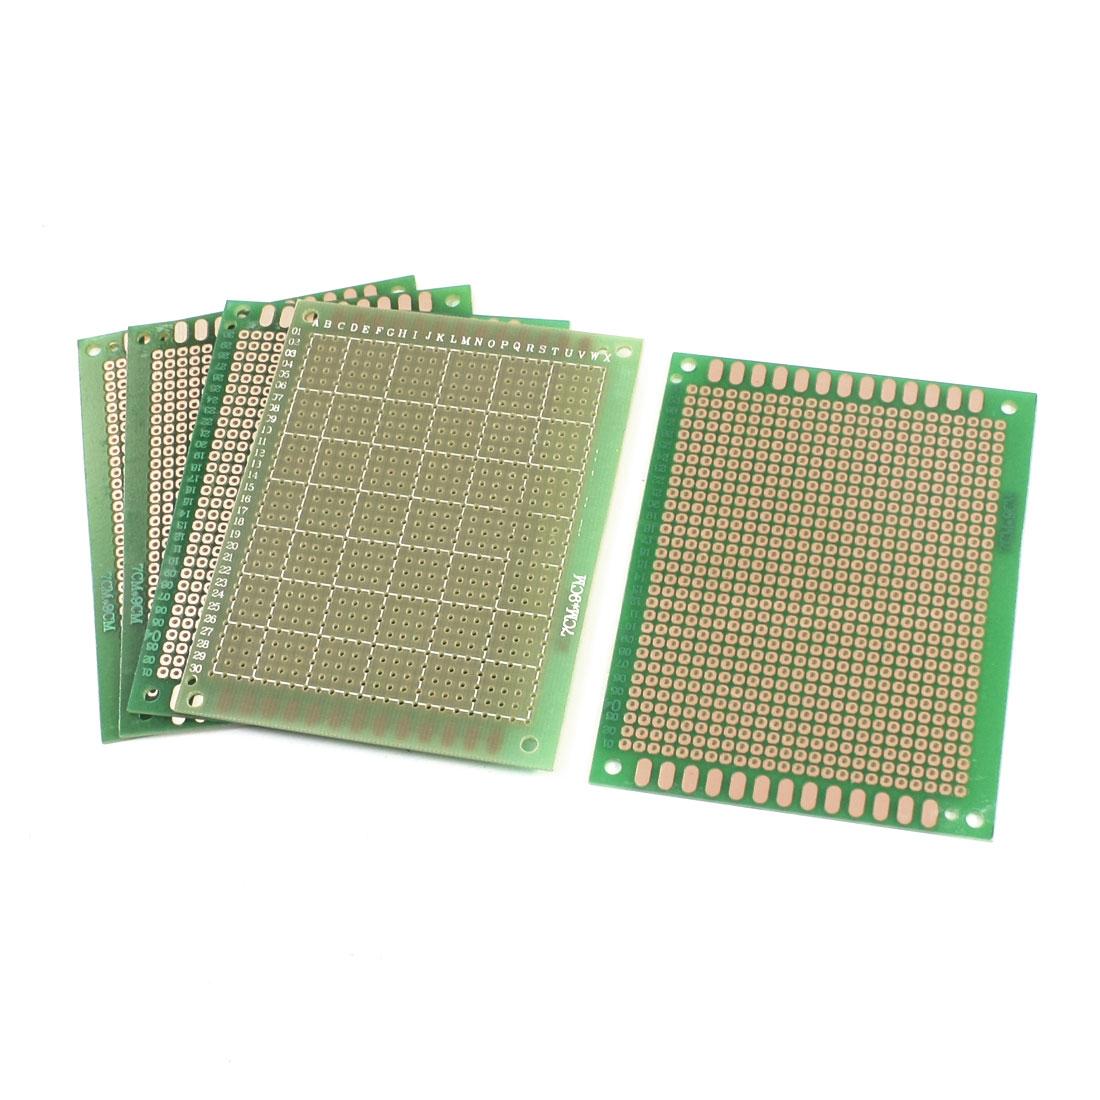 5pcs DIY Prototyping Experiment Tester Matrix PCB Circuit Board 7 x 9cm